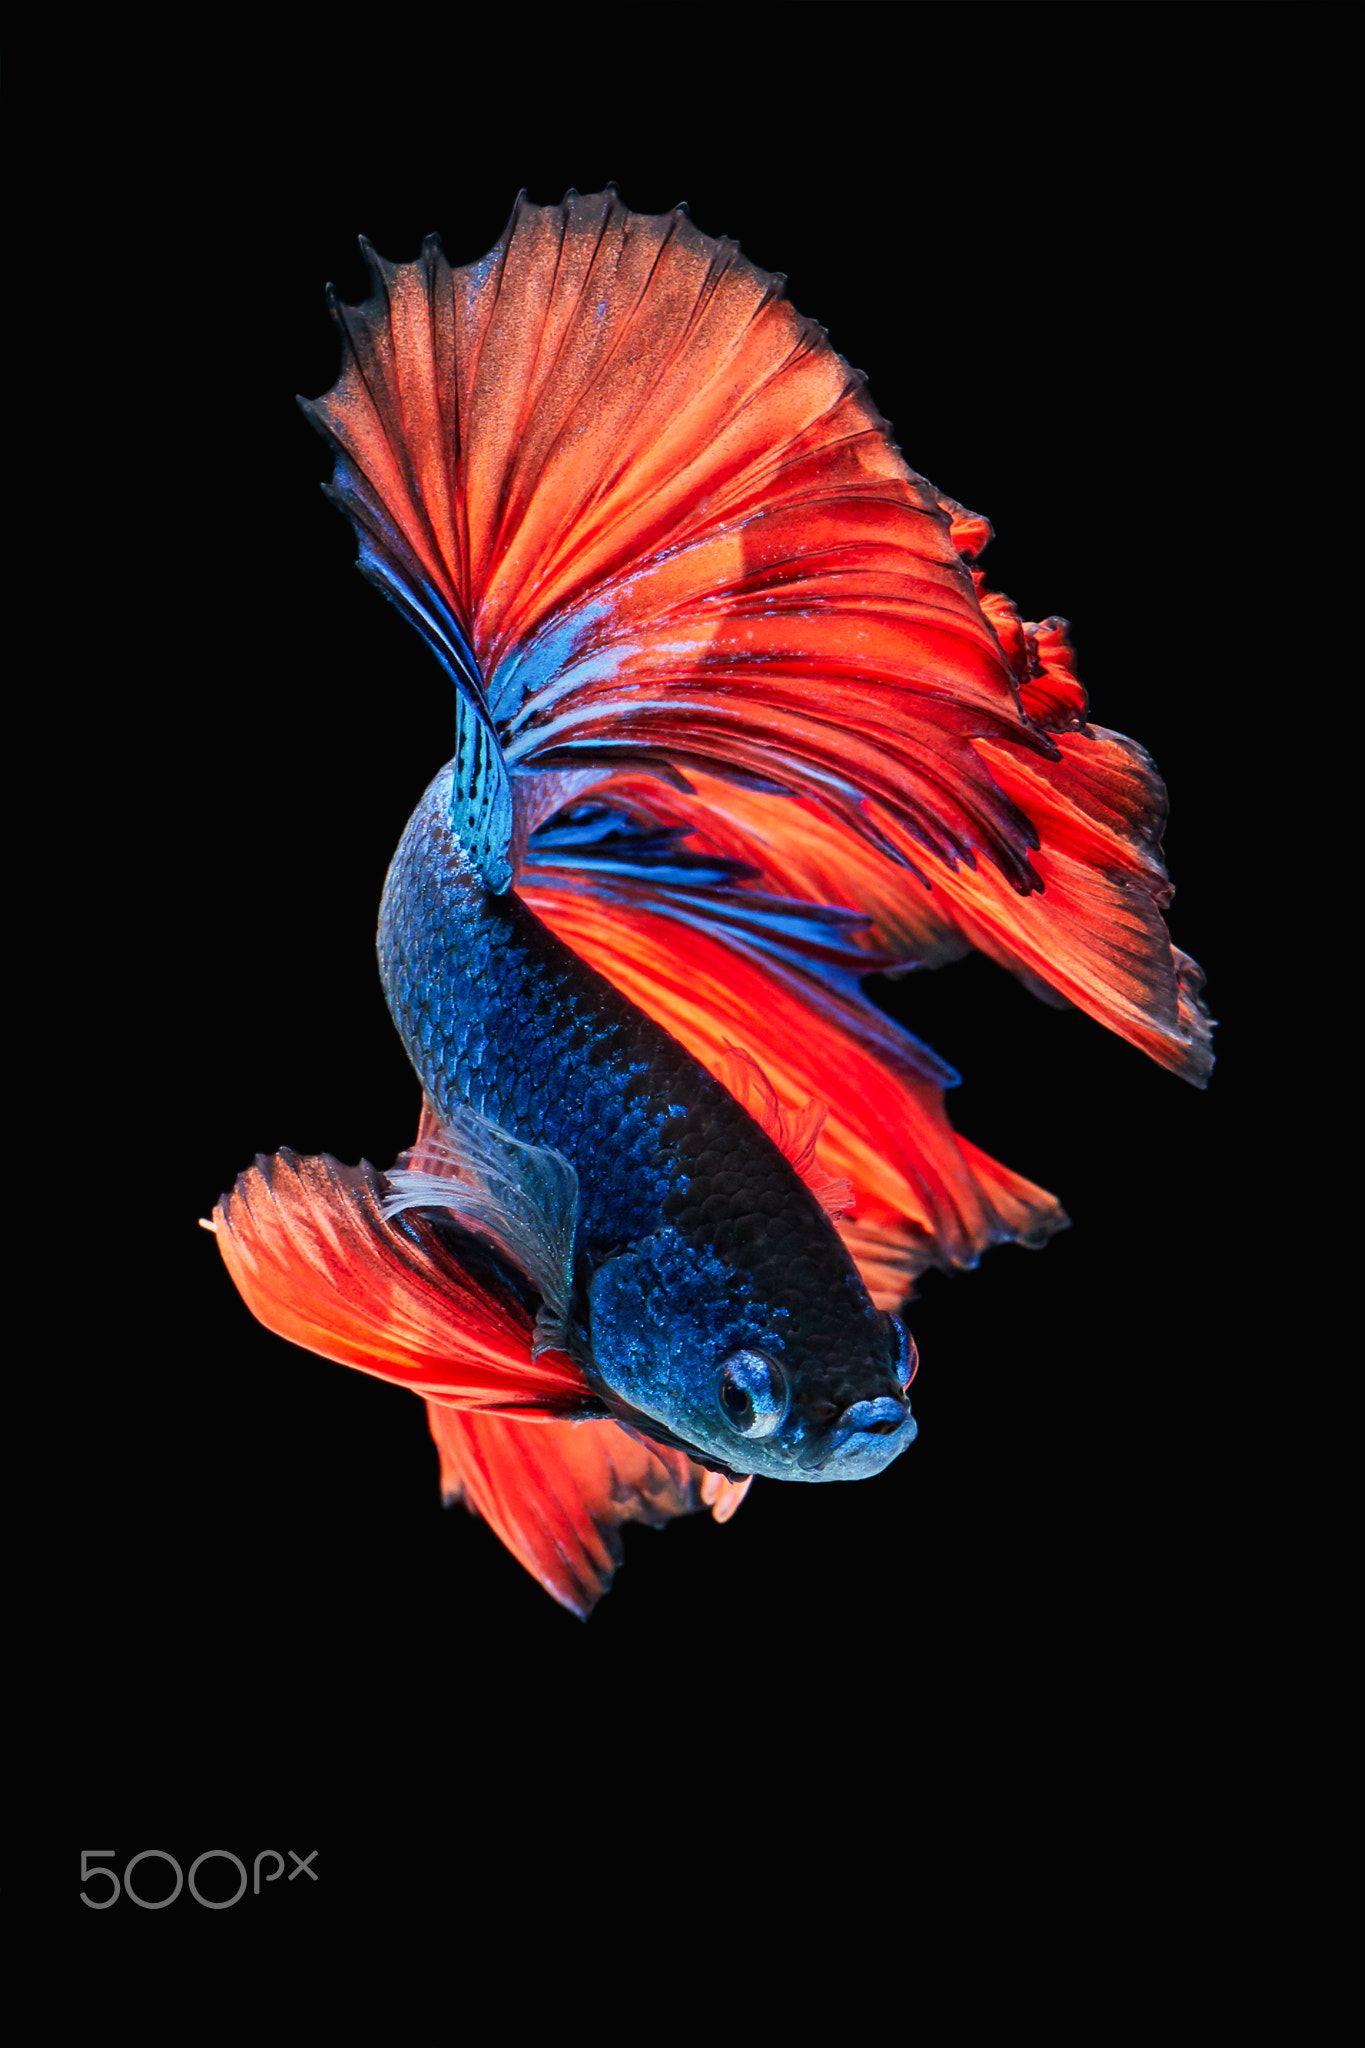 Apple Iphone 6s Wallpaper With Red Veil Tail Betta Fish In Dark Background Dengan Gambar Ikan Cupang Hewan Binatang